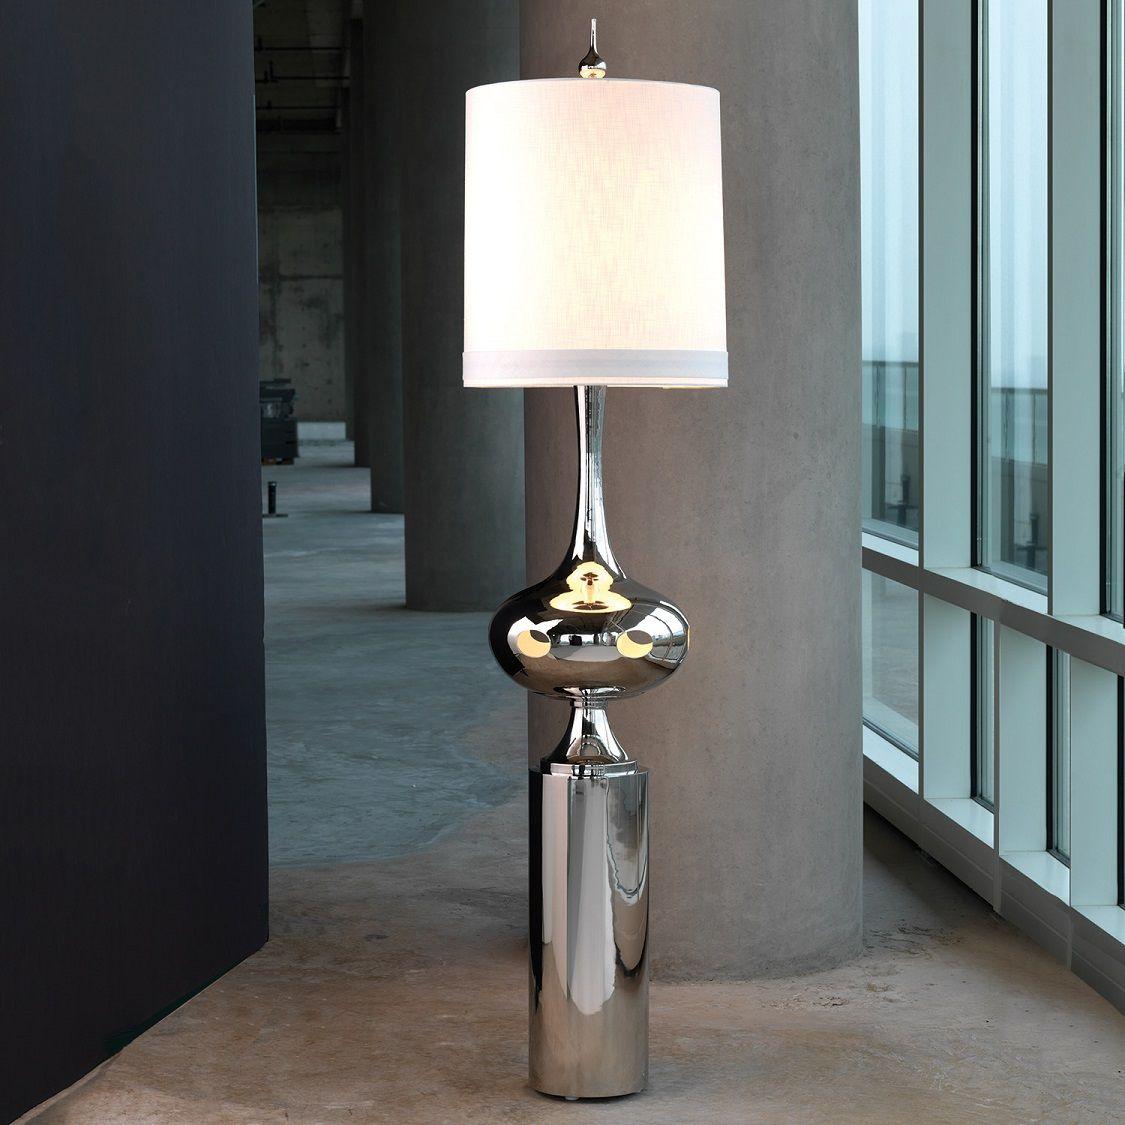 Luxury Floor Lamp 189 Gif 1125 1125 Floor Lamp Lamp Cool Floor Lamps